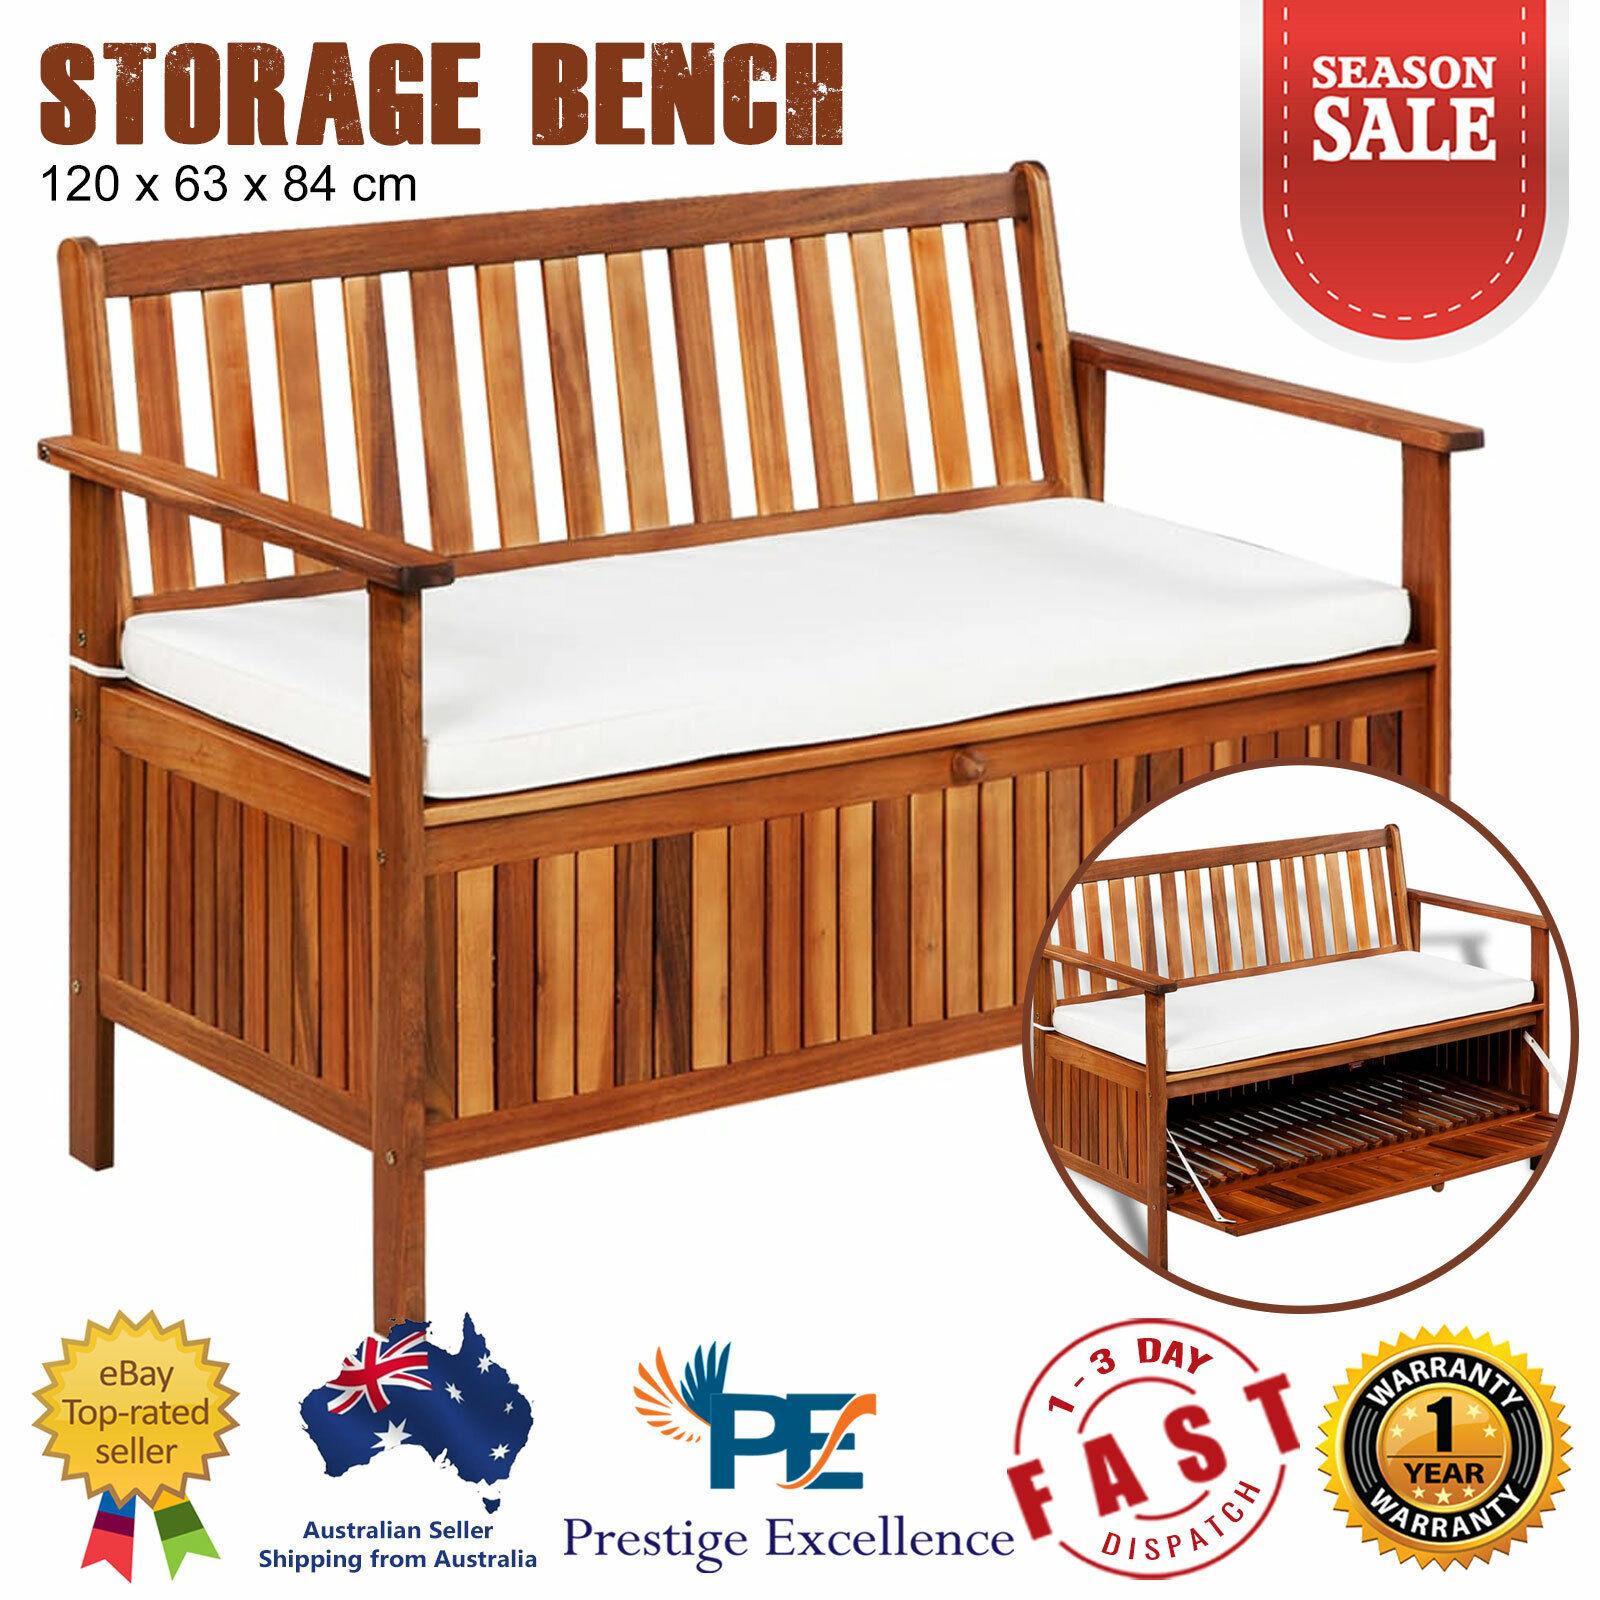 Garden Furniture - Wooden Outdoor Storage Bench Timber Furniture Garden Box Chest Chair Cushion NEW